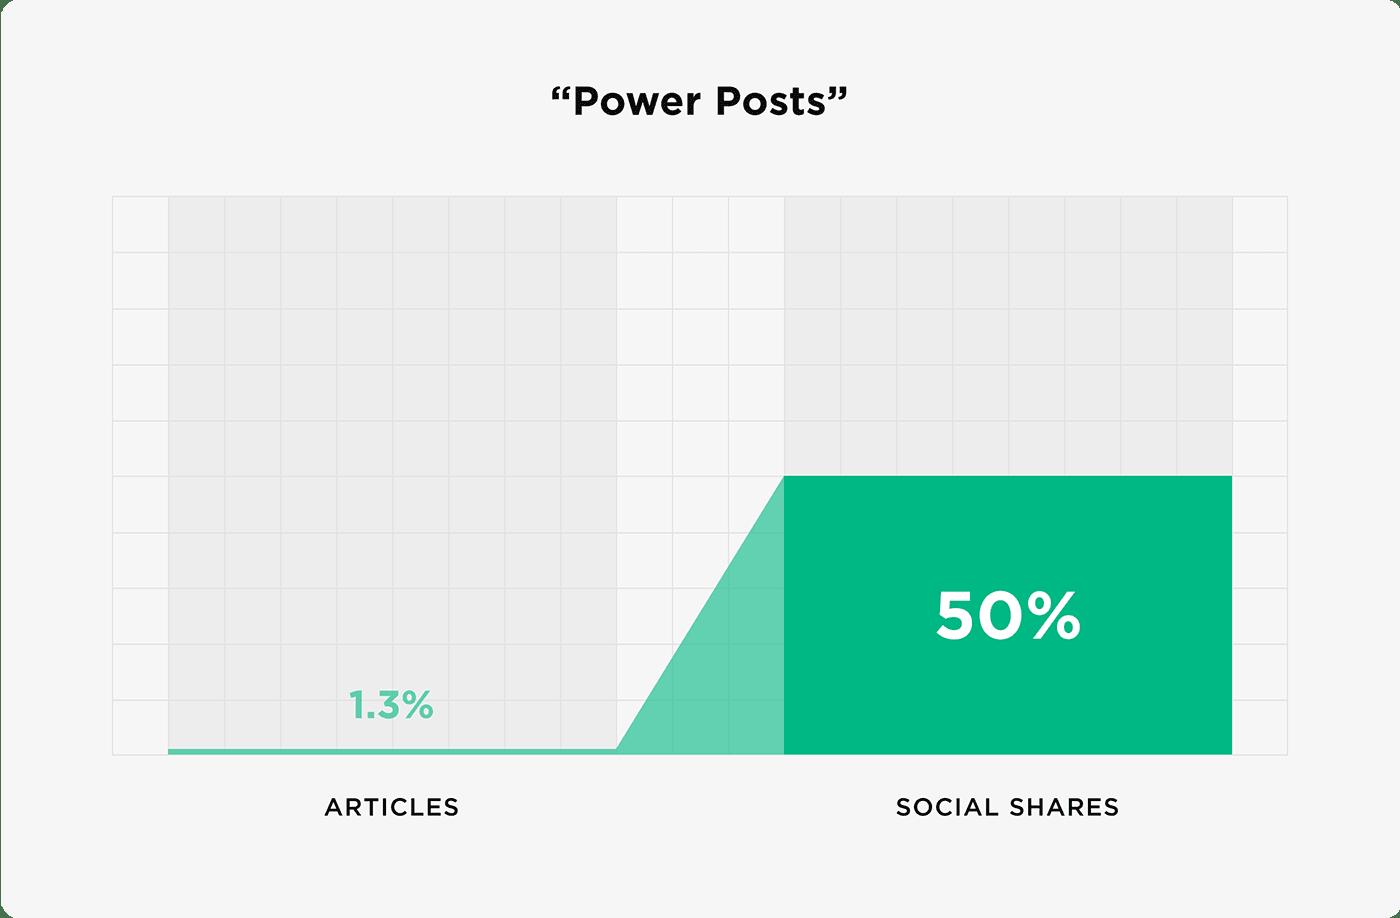 Bài viết quyền lực - Mẹo tiếp thị nội dung